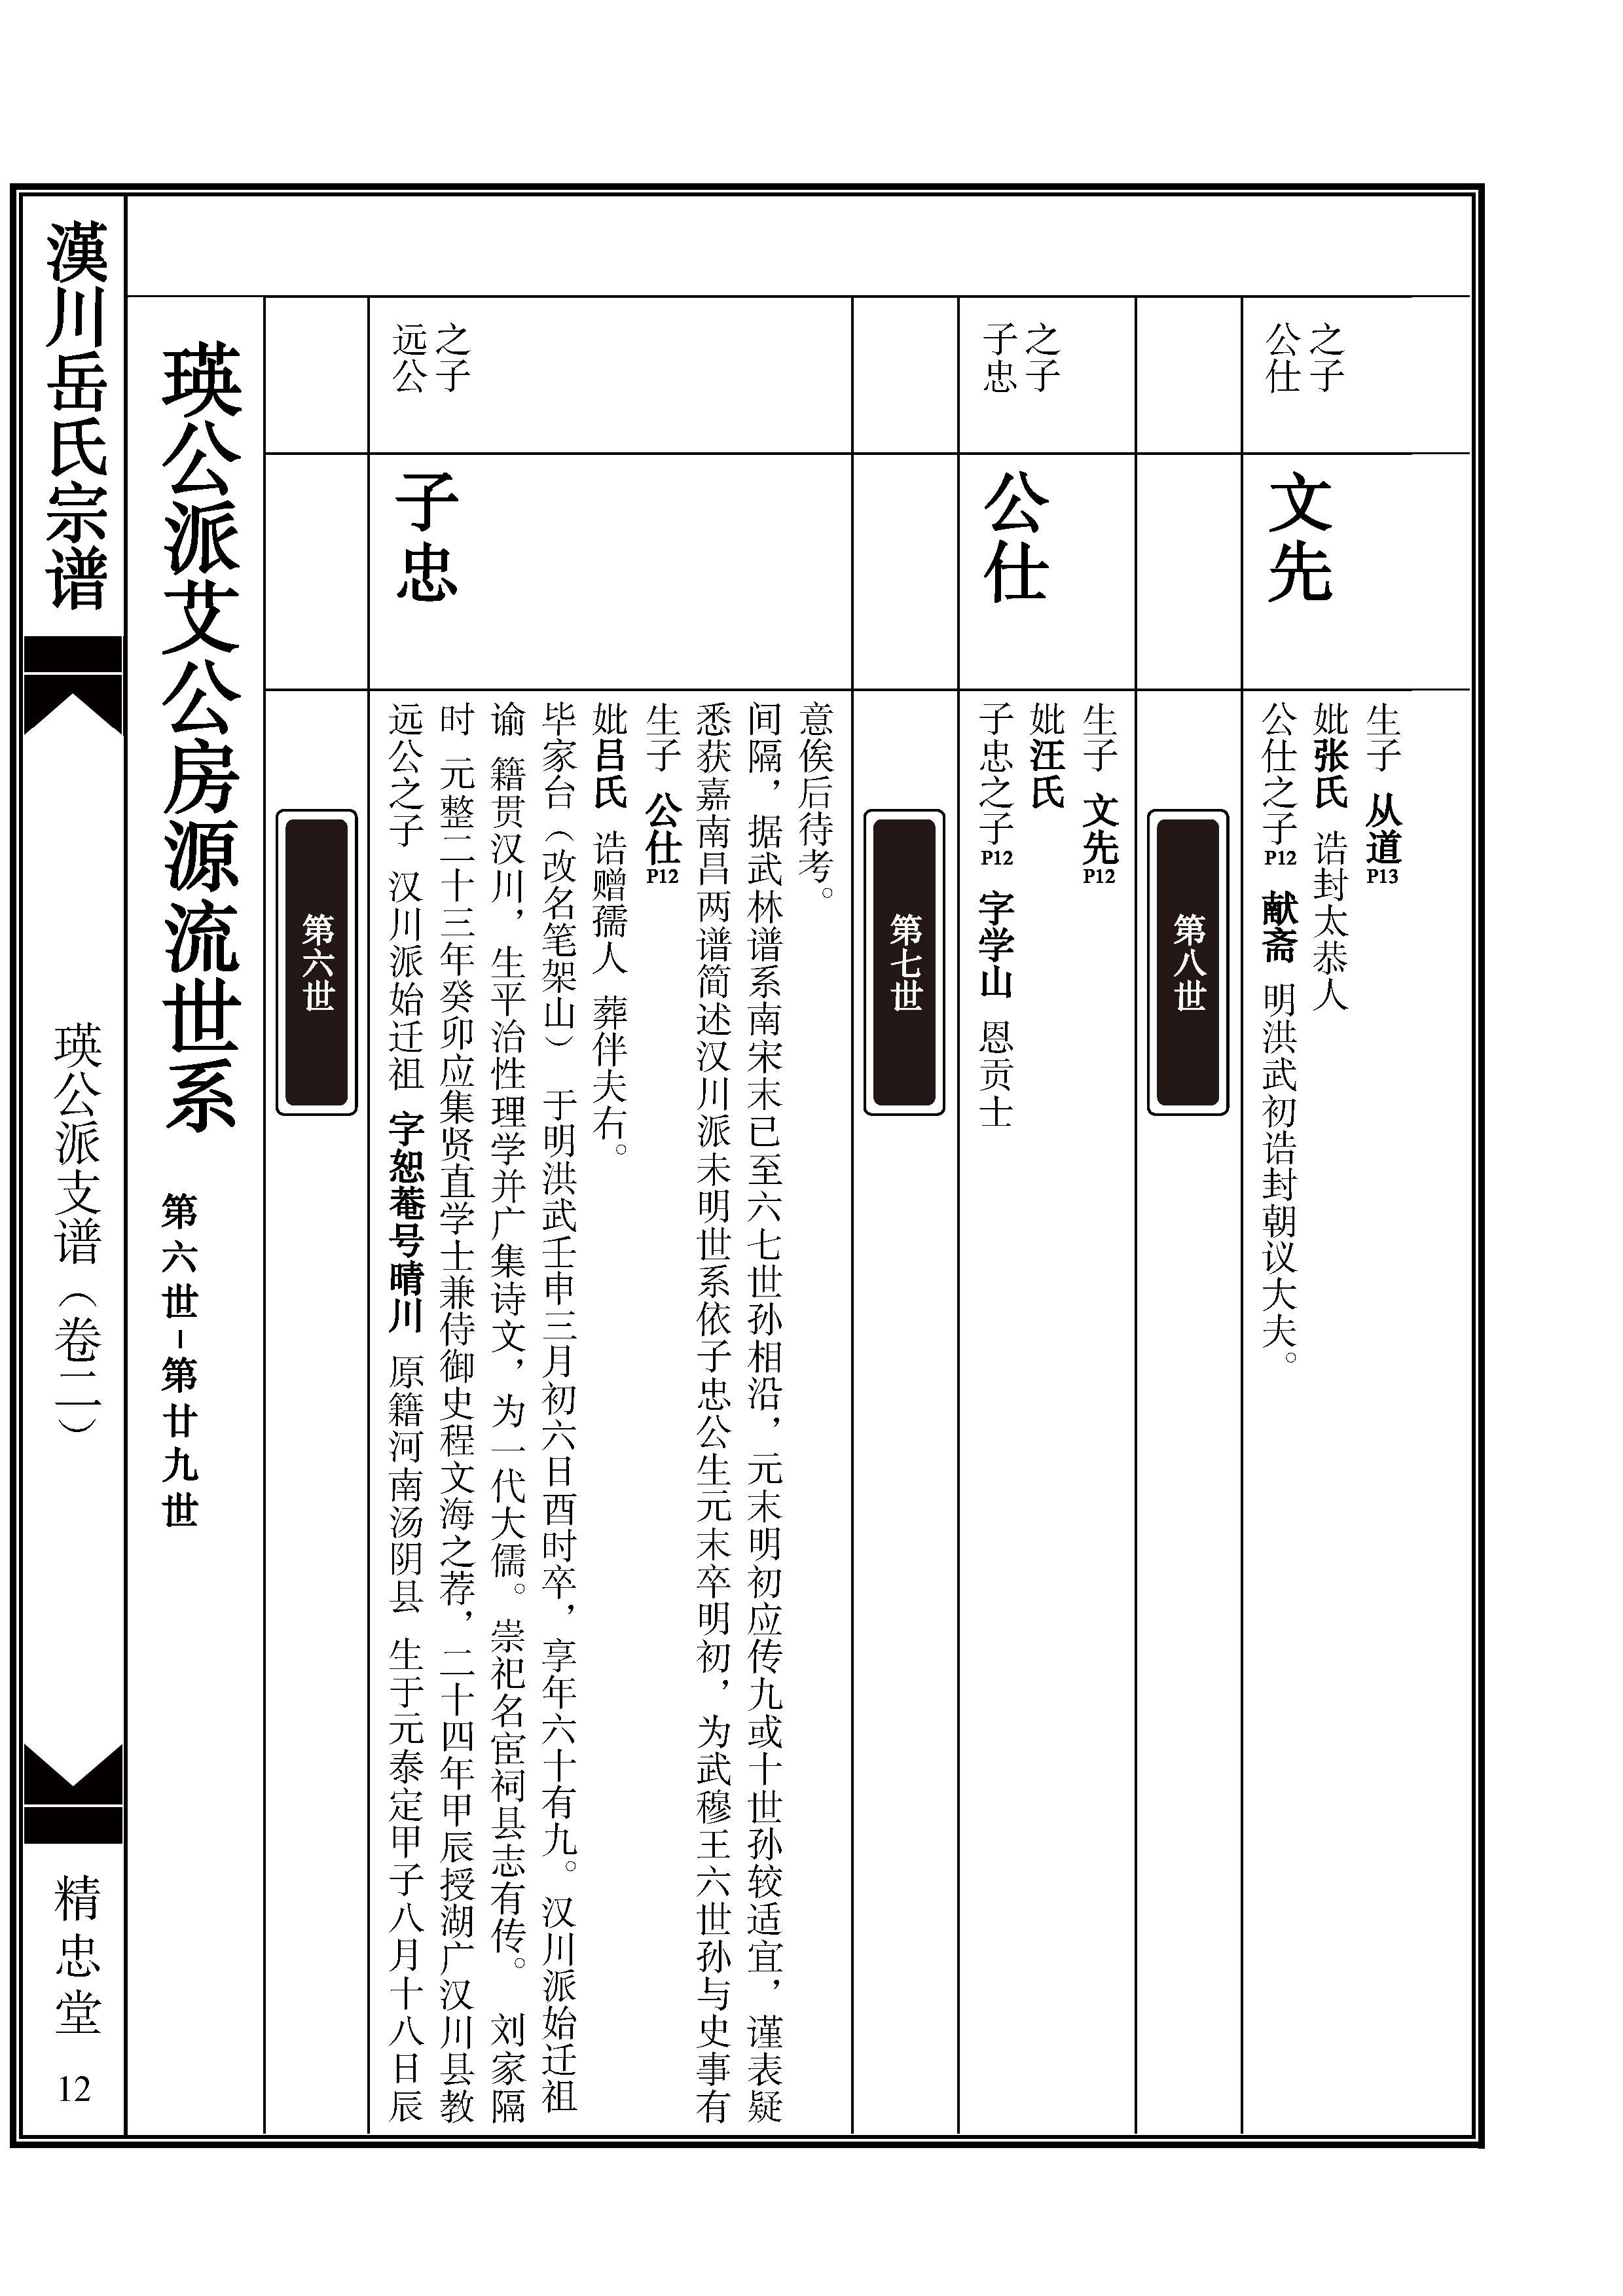 页面提取自-07仿古合传苏式_页面_4